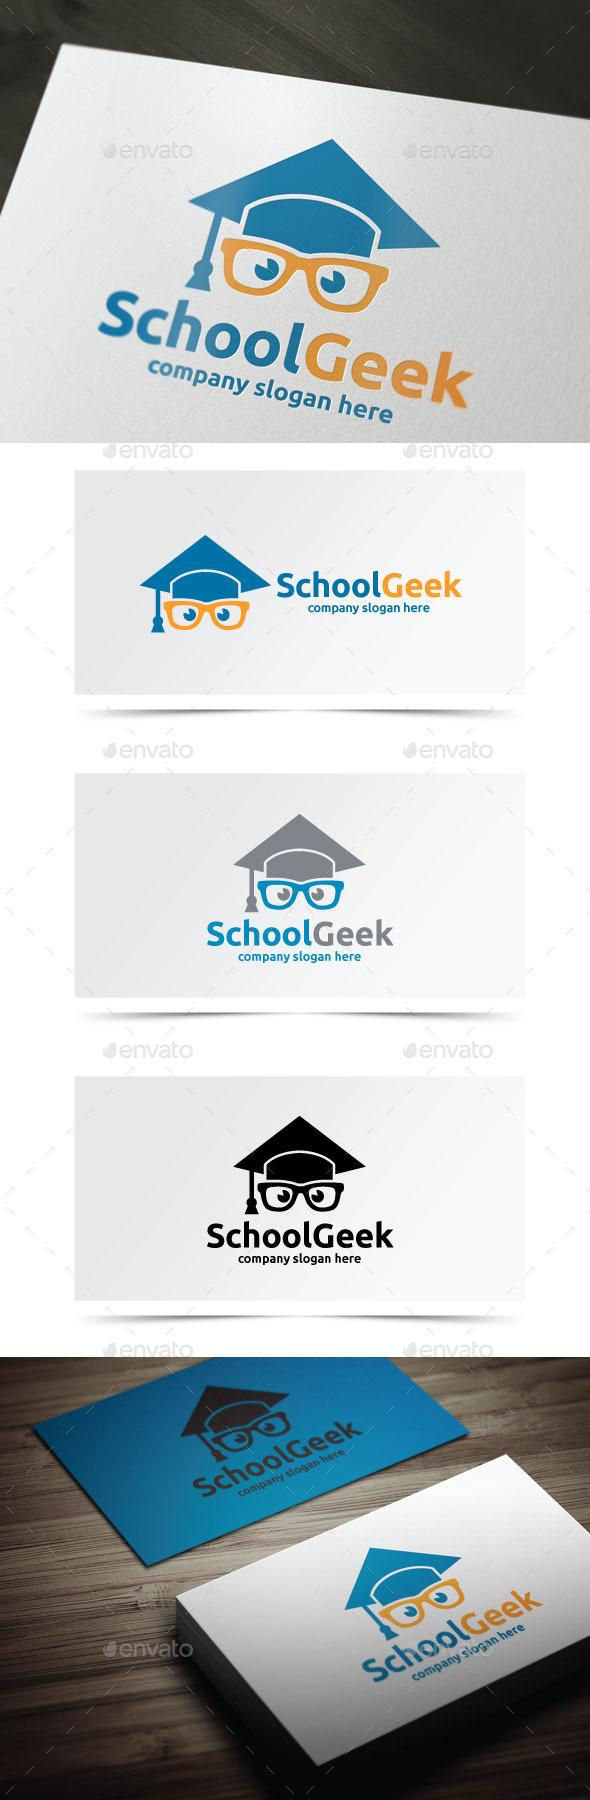 School Geek